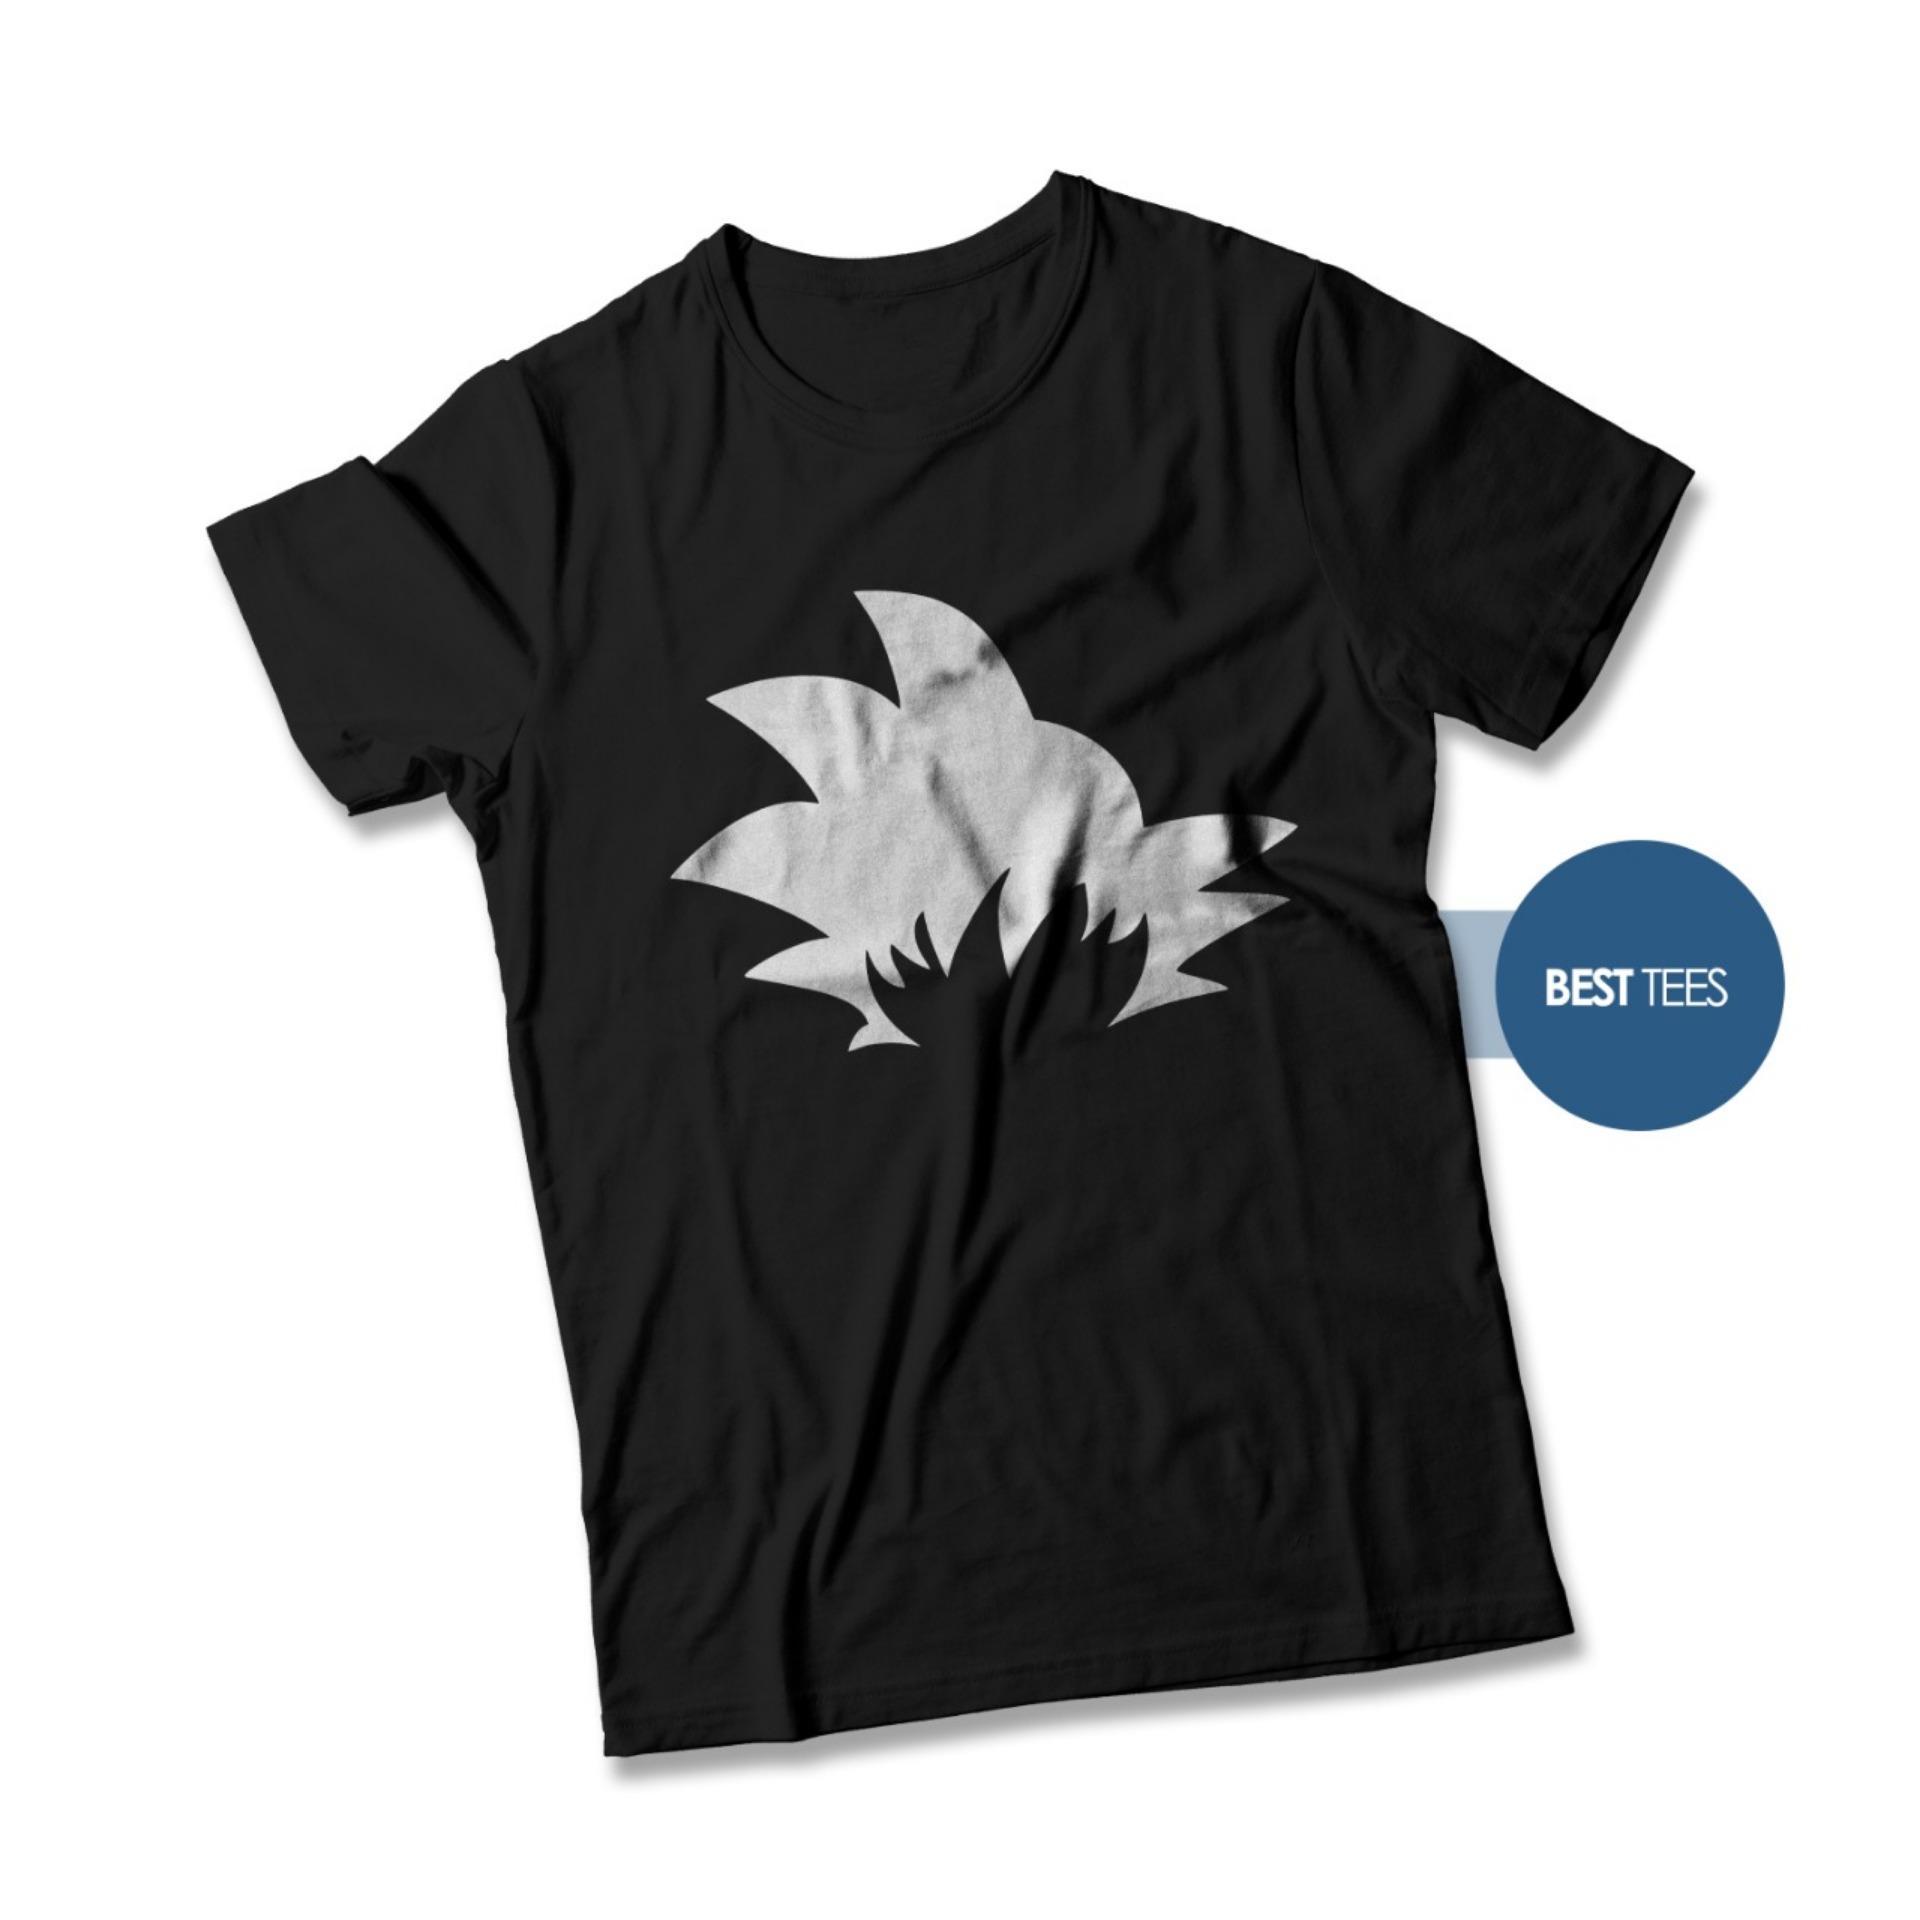 ... T-Shirt Atasan Baju Pakaian Polos Pria Wanita Cewe ... Source · Kaos distro premium cotton combed 24s / Fashion pria / Dragon Ball Son Goku